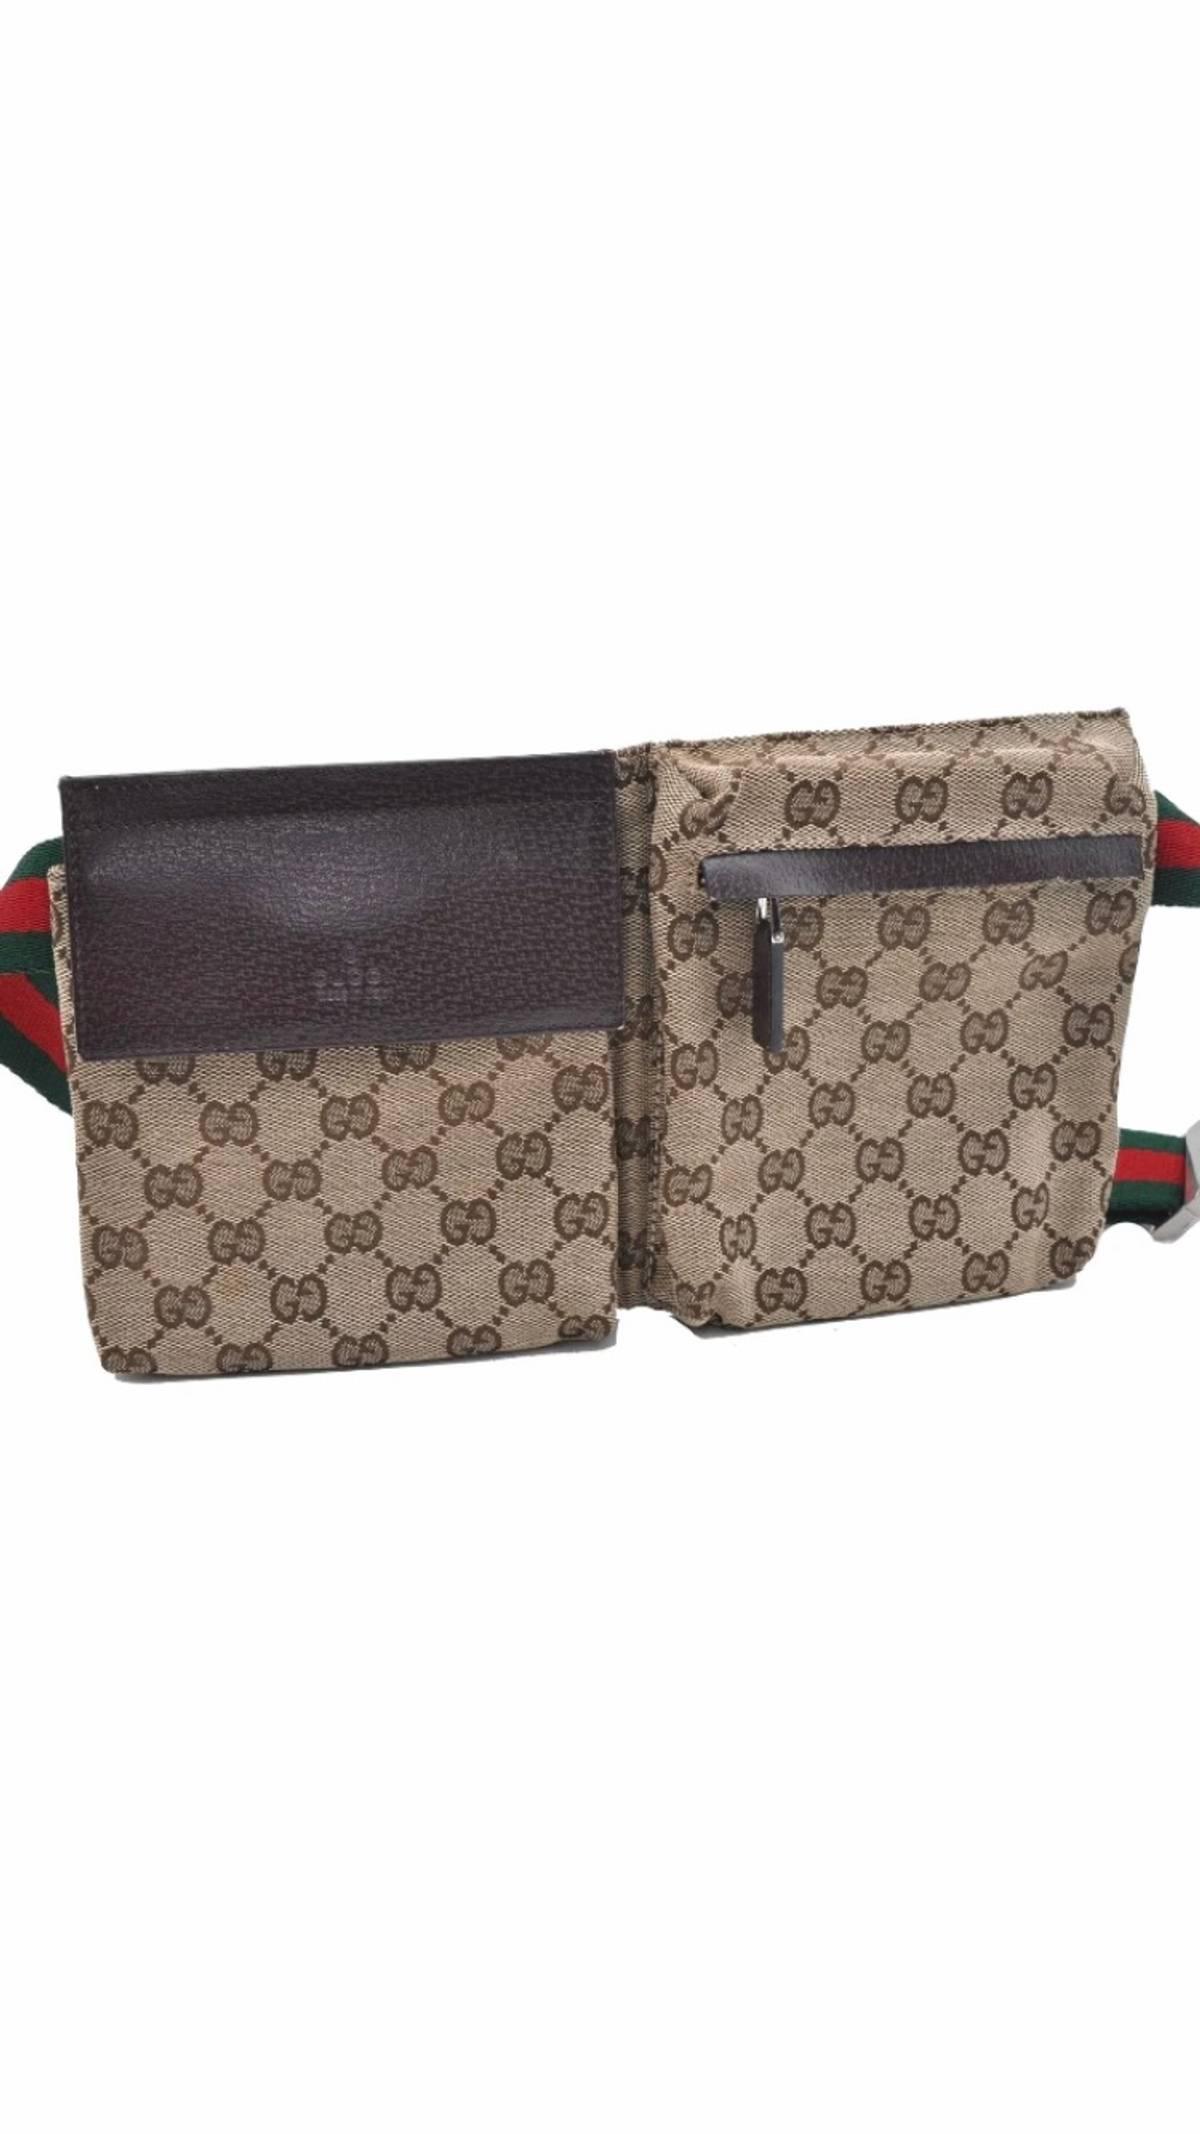 814c58c8f26e Gucci Gucci Guccissima Fanny Pack Side Cross Body Bag | Grailed